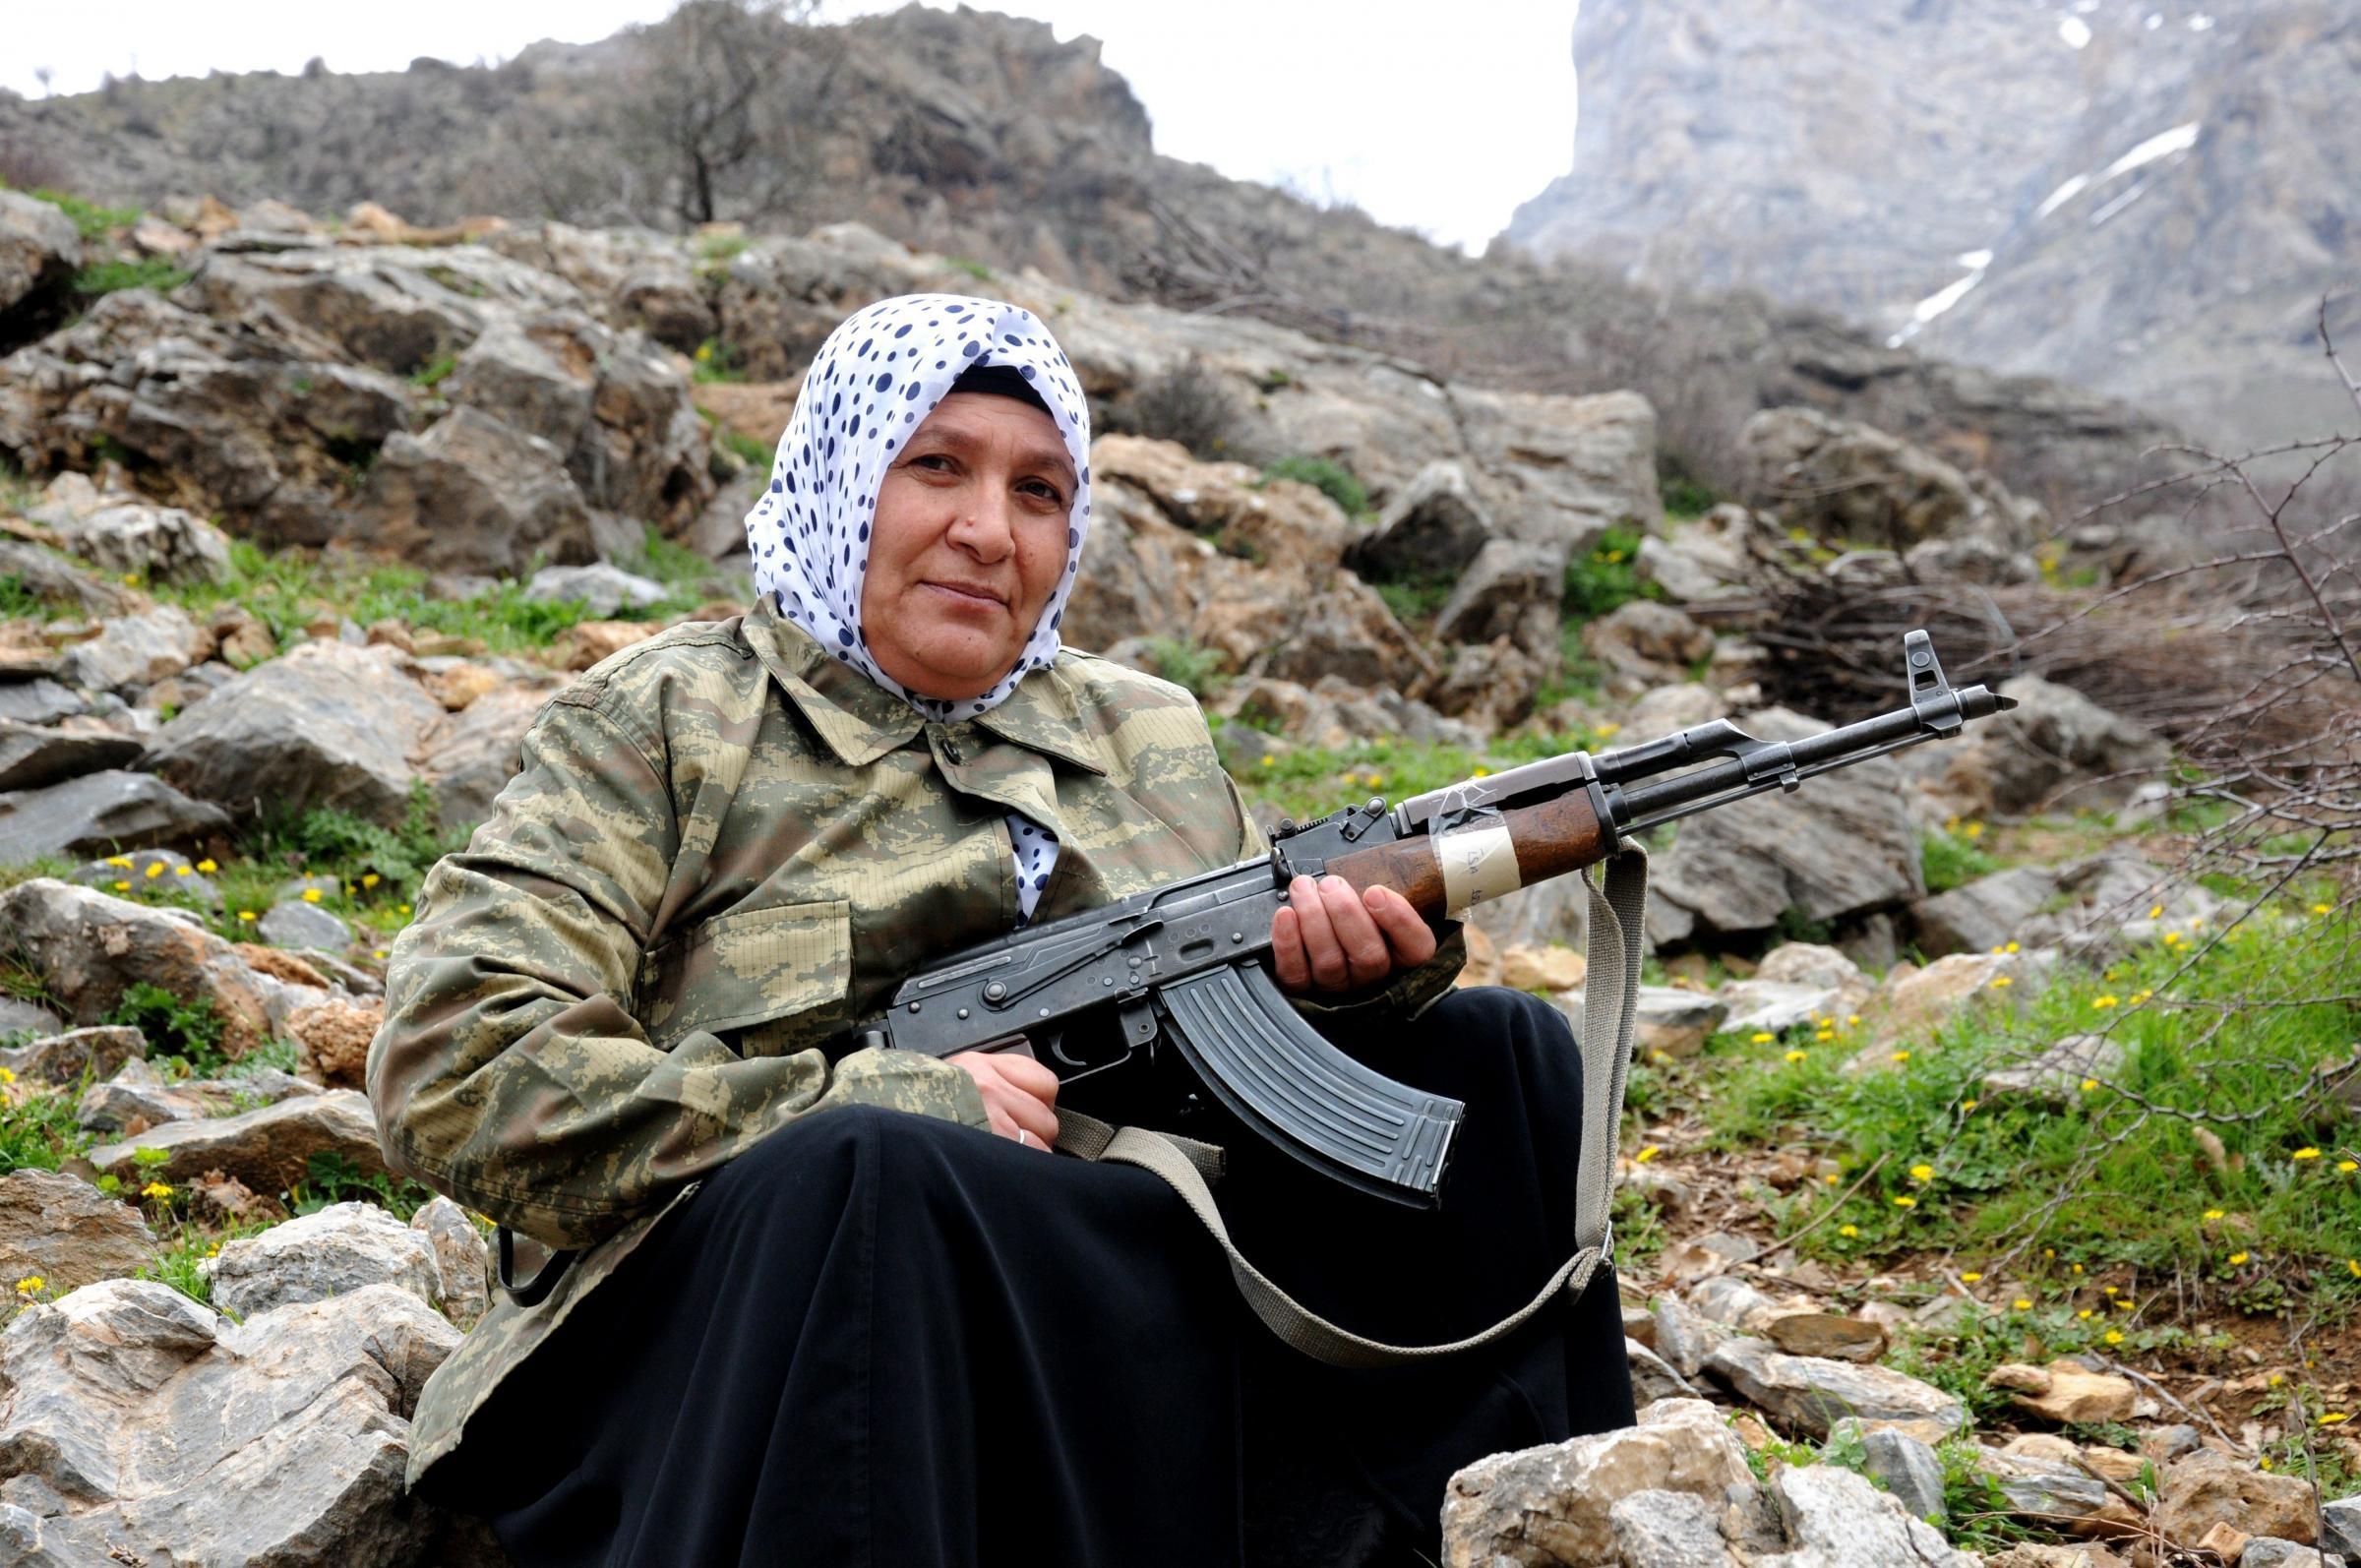 Donne soldato curde fanno da guardia ai villaggi minacciati da Isis